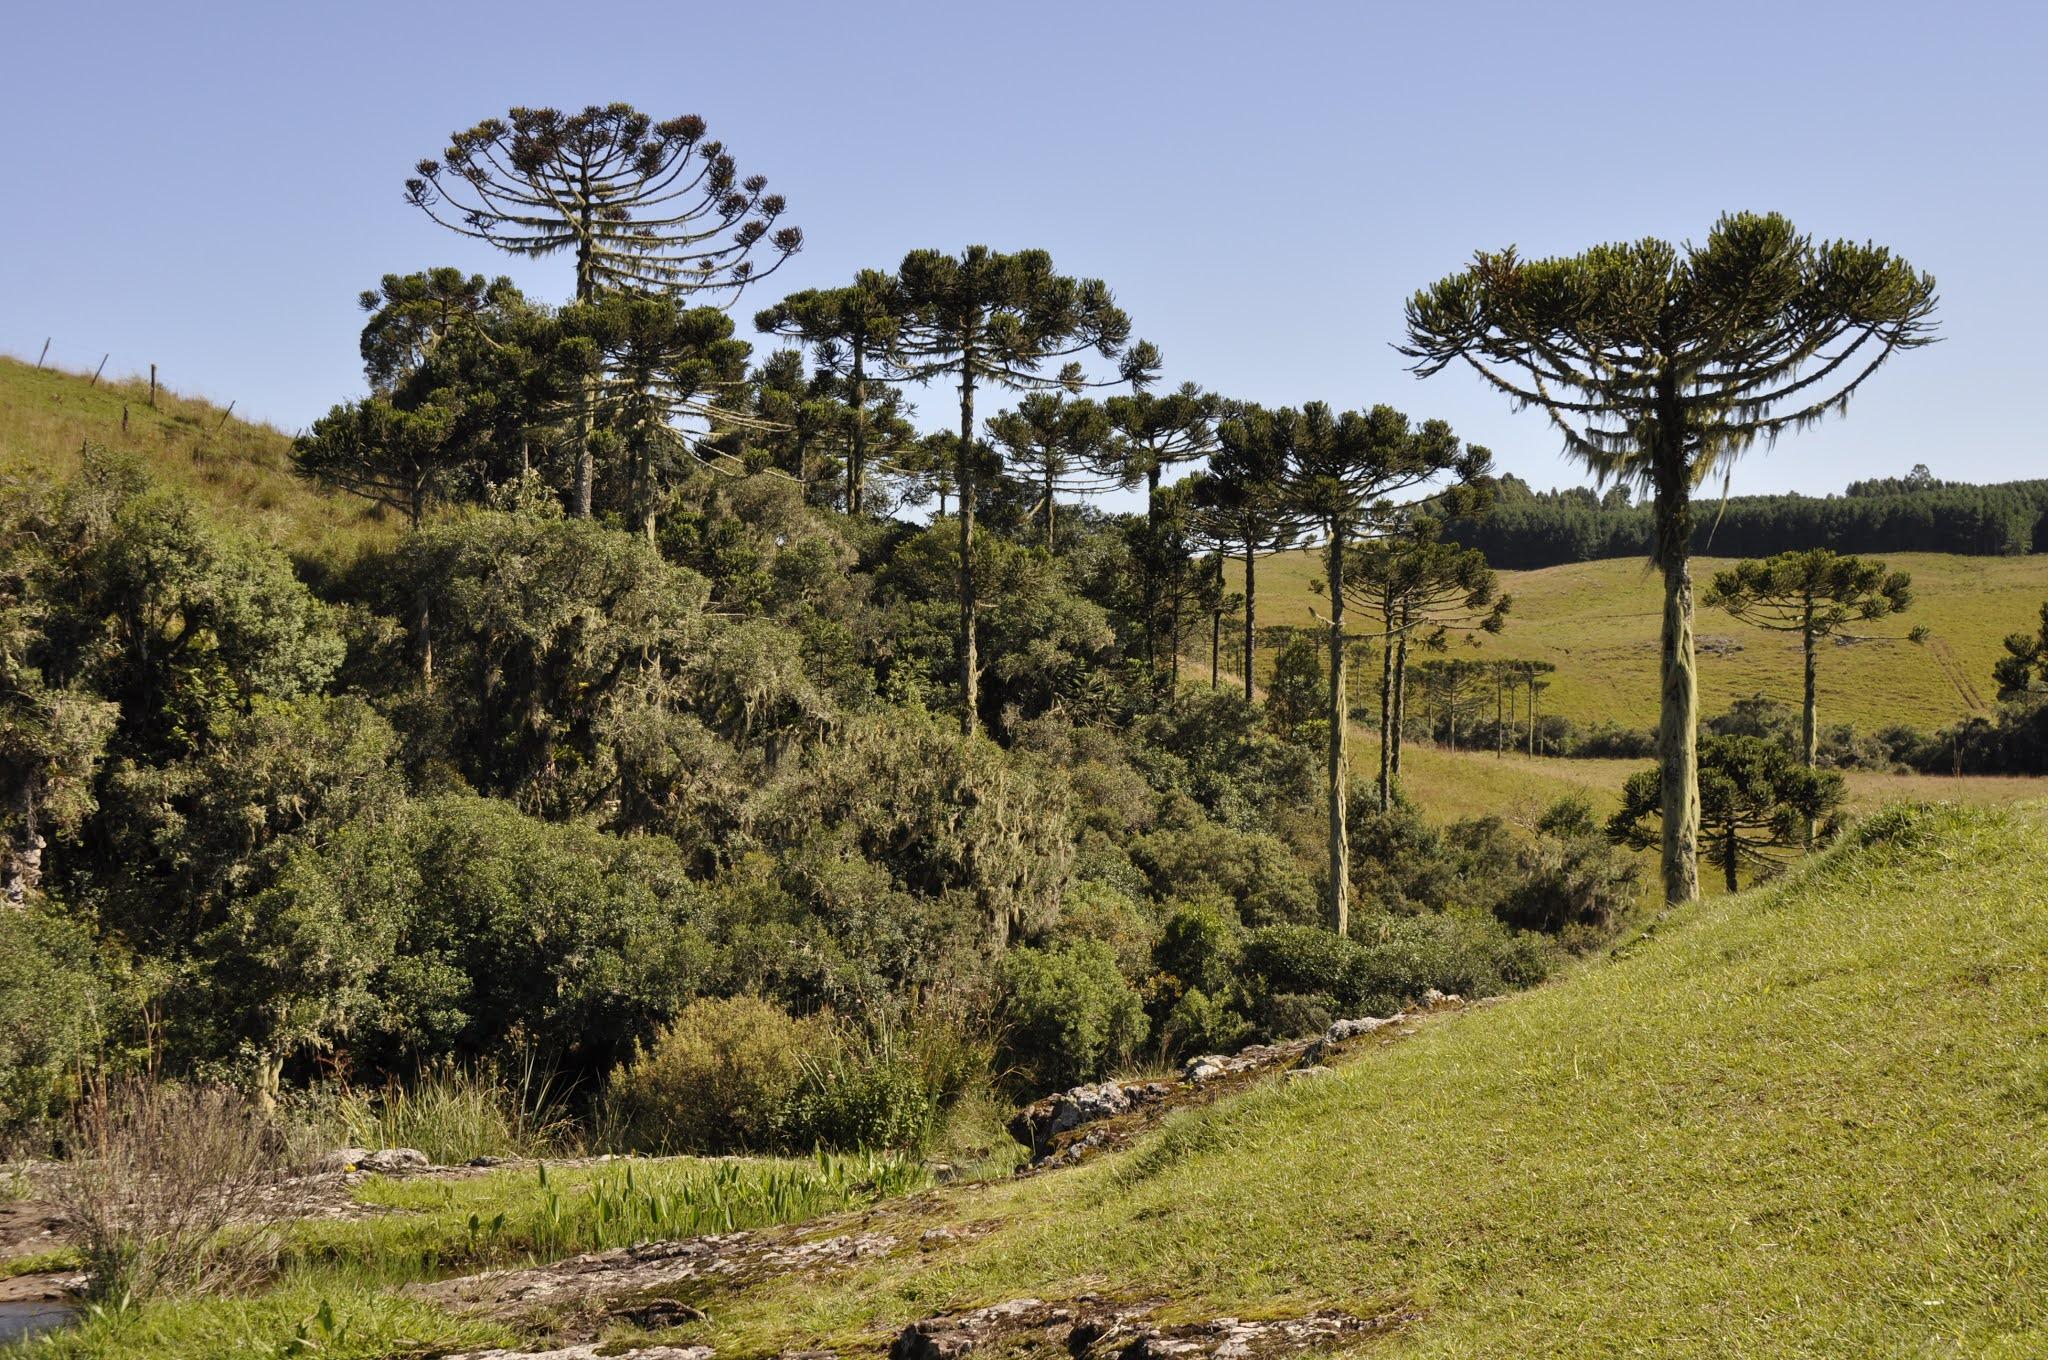 Sapecada de pinhão na grimpa: experiência autêntica nas Serras Gaúcha e Catarinense